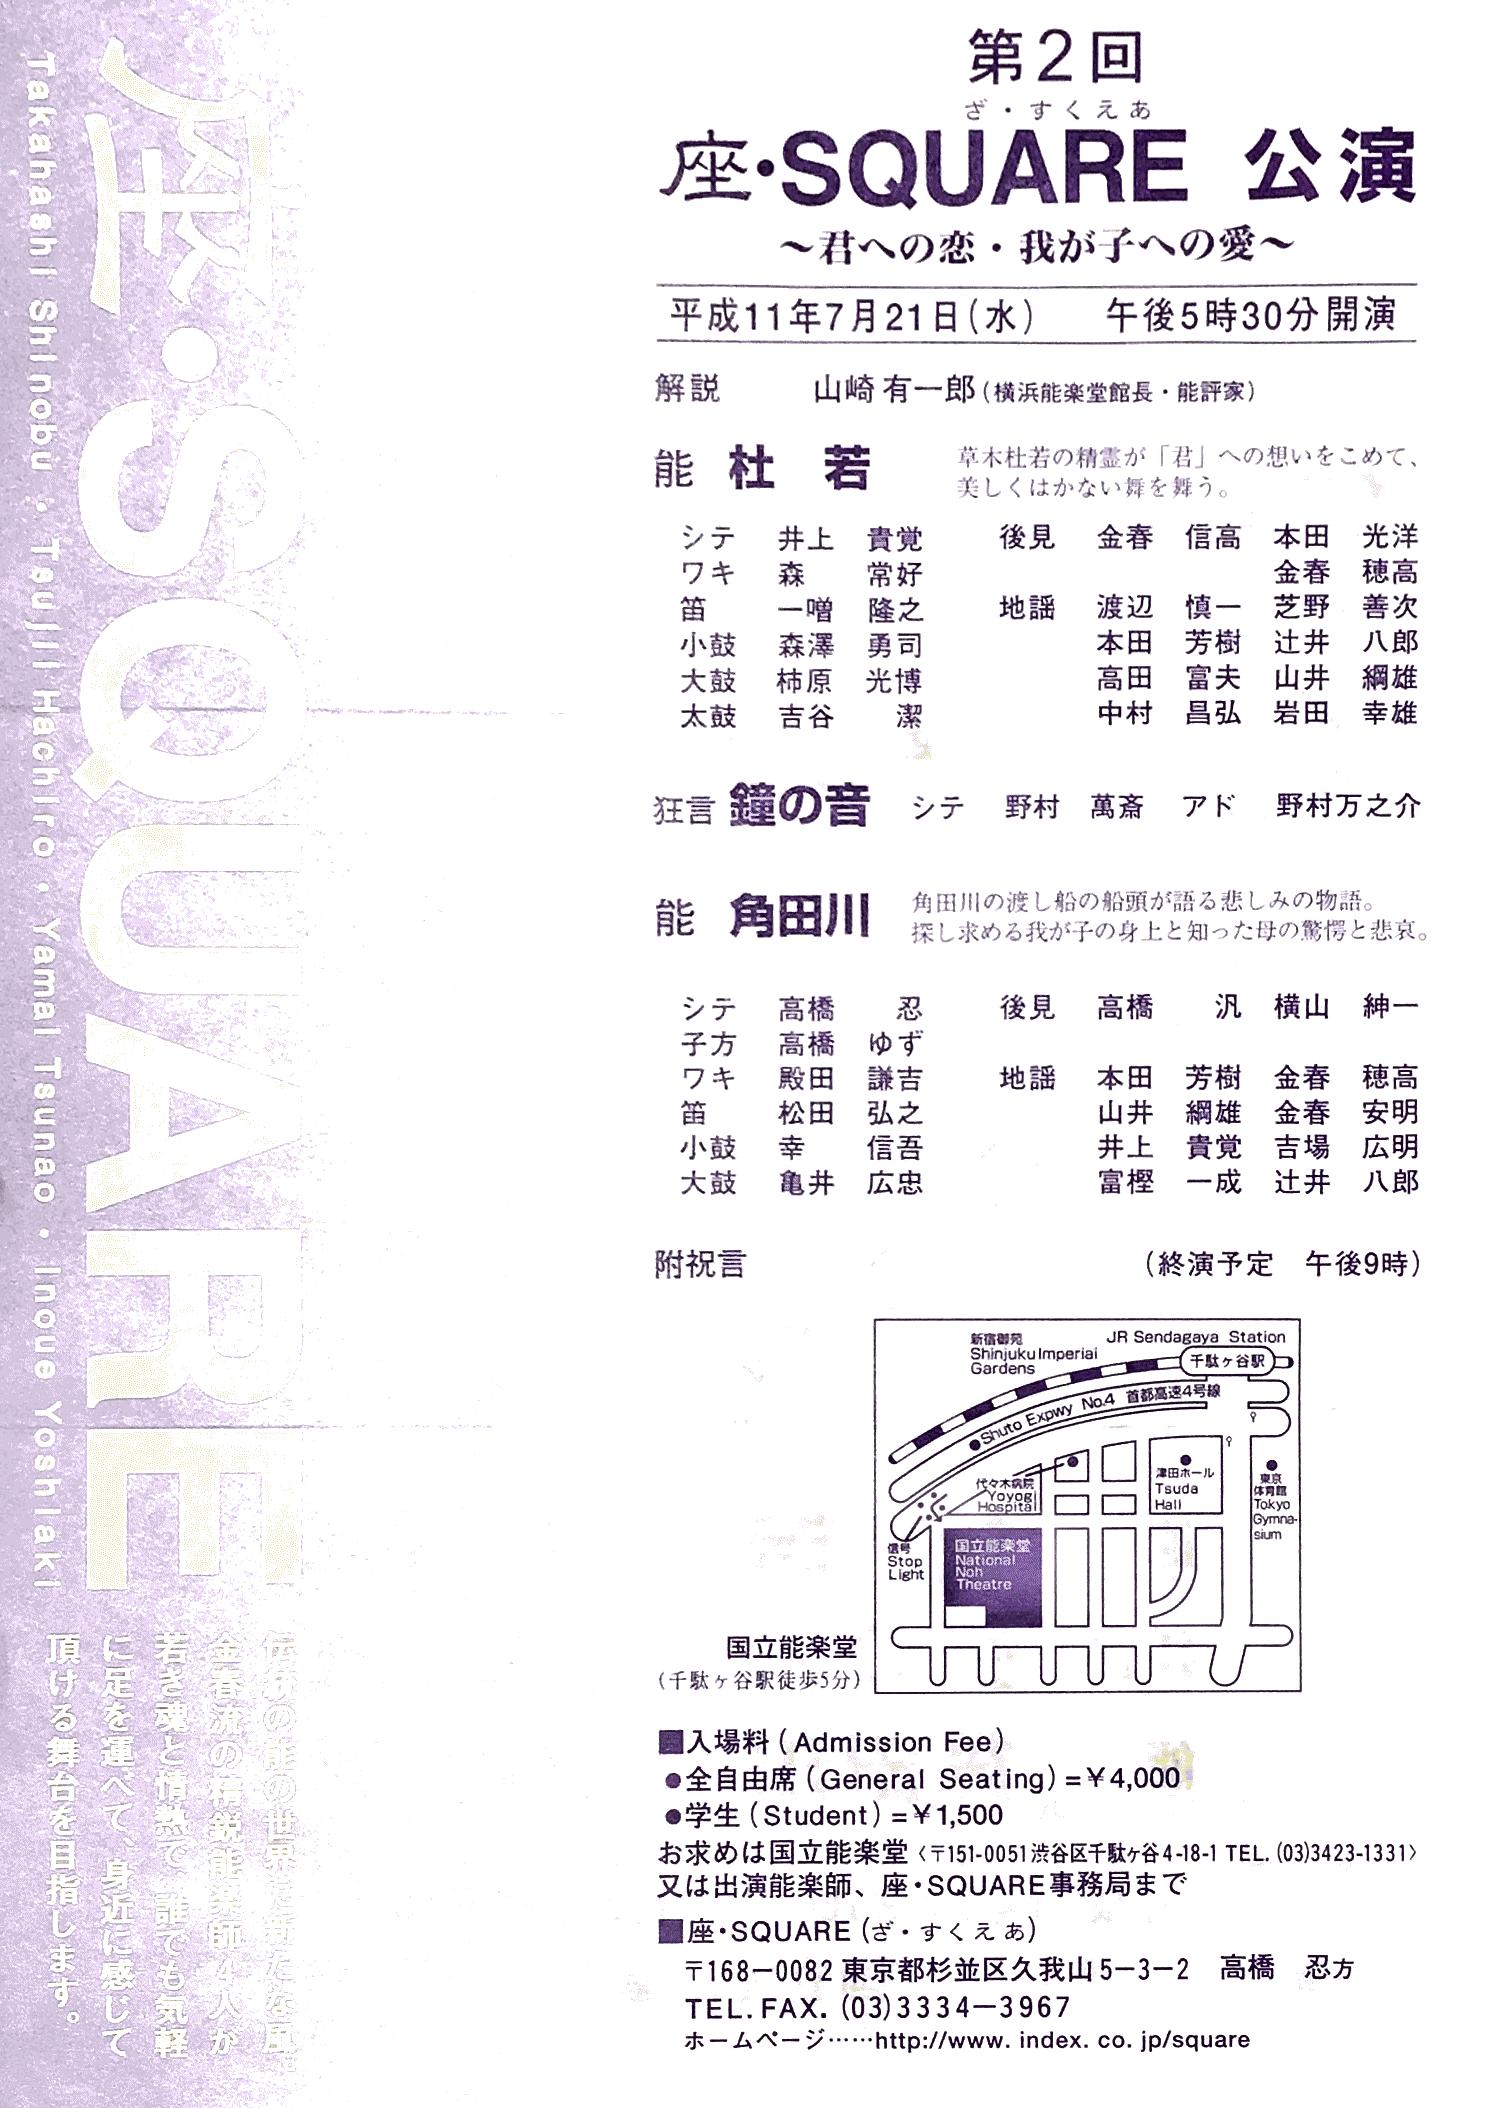 1999年7月21日 座・SQUARE「杜若」